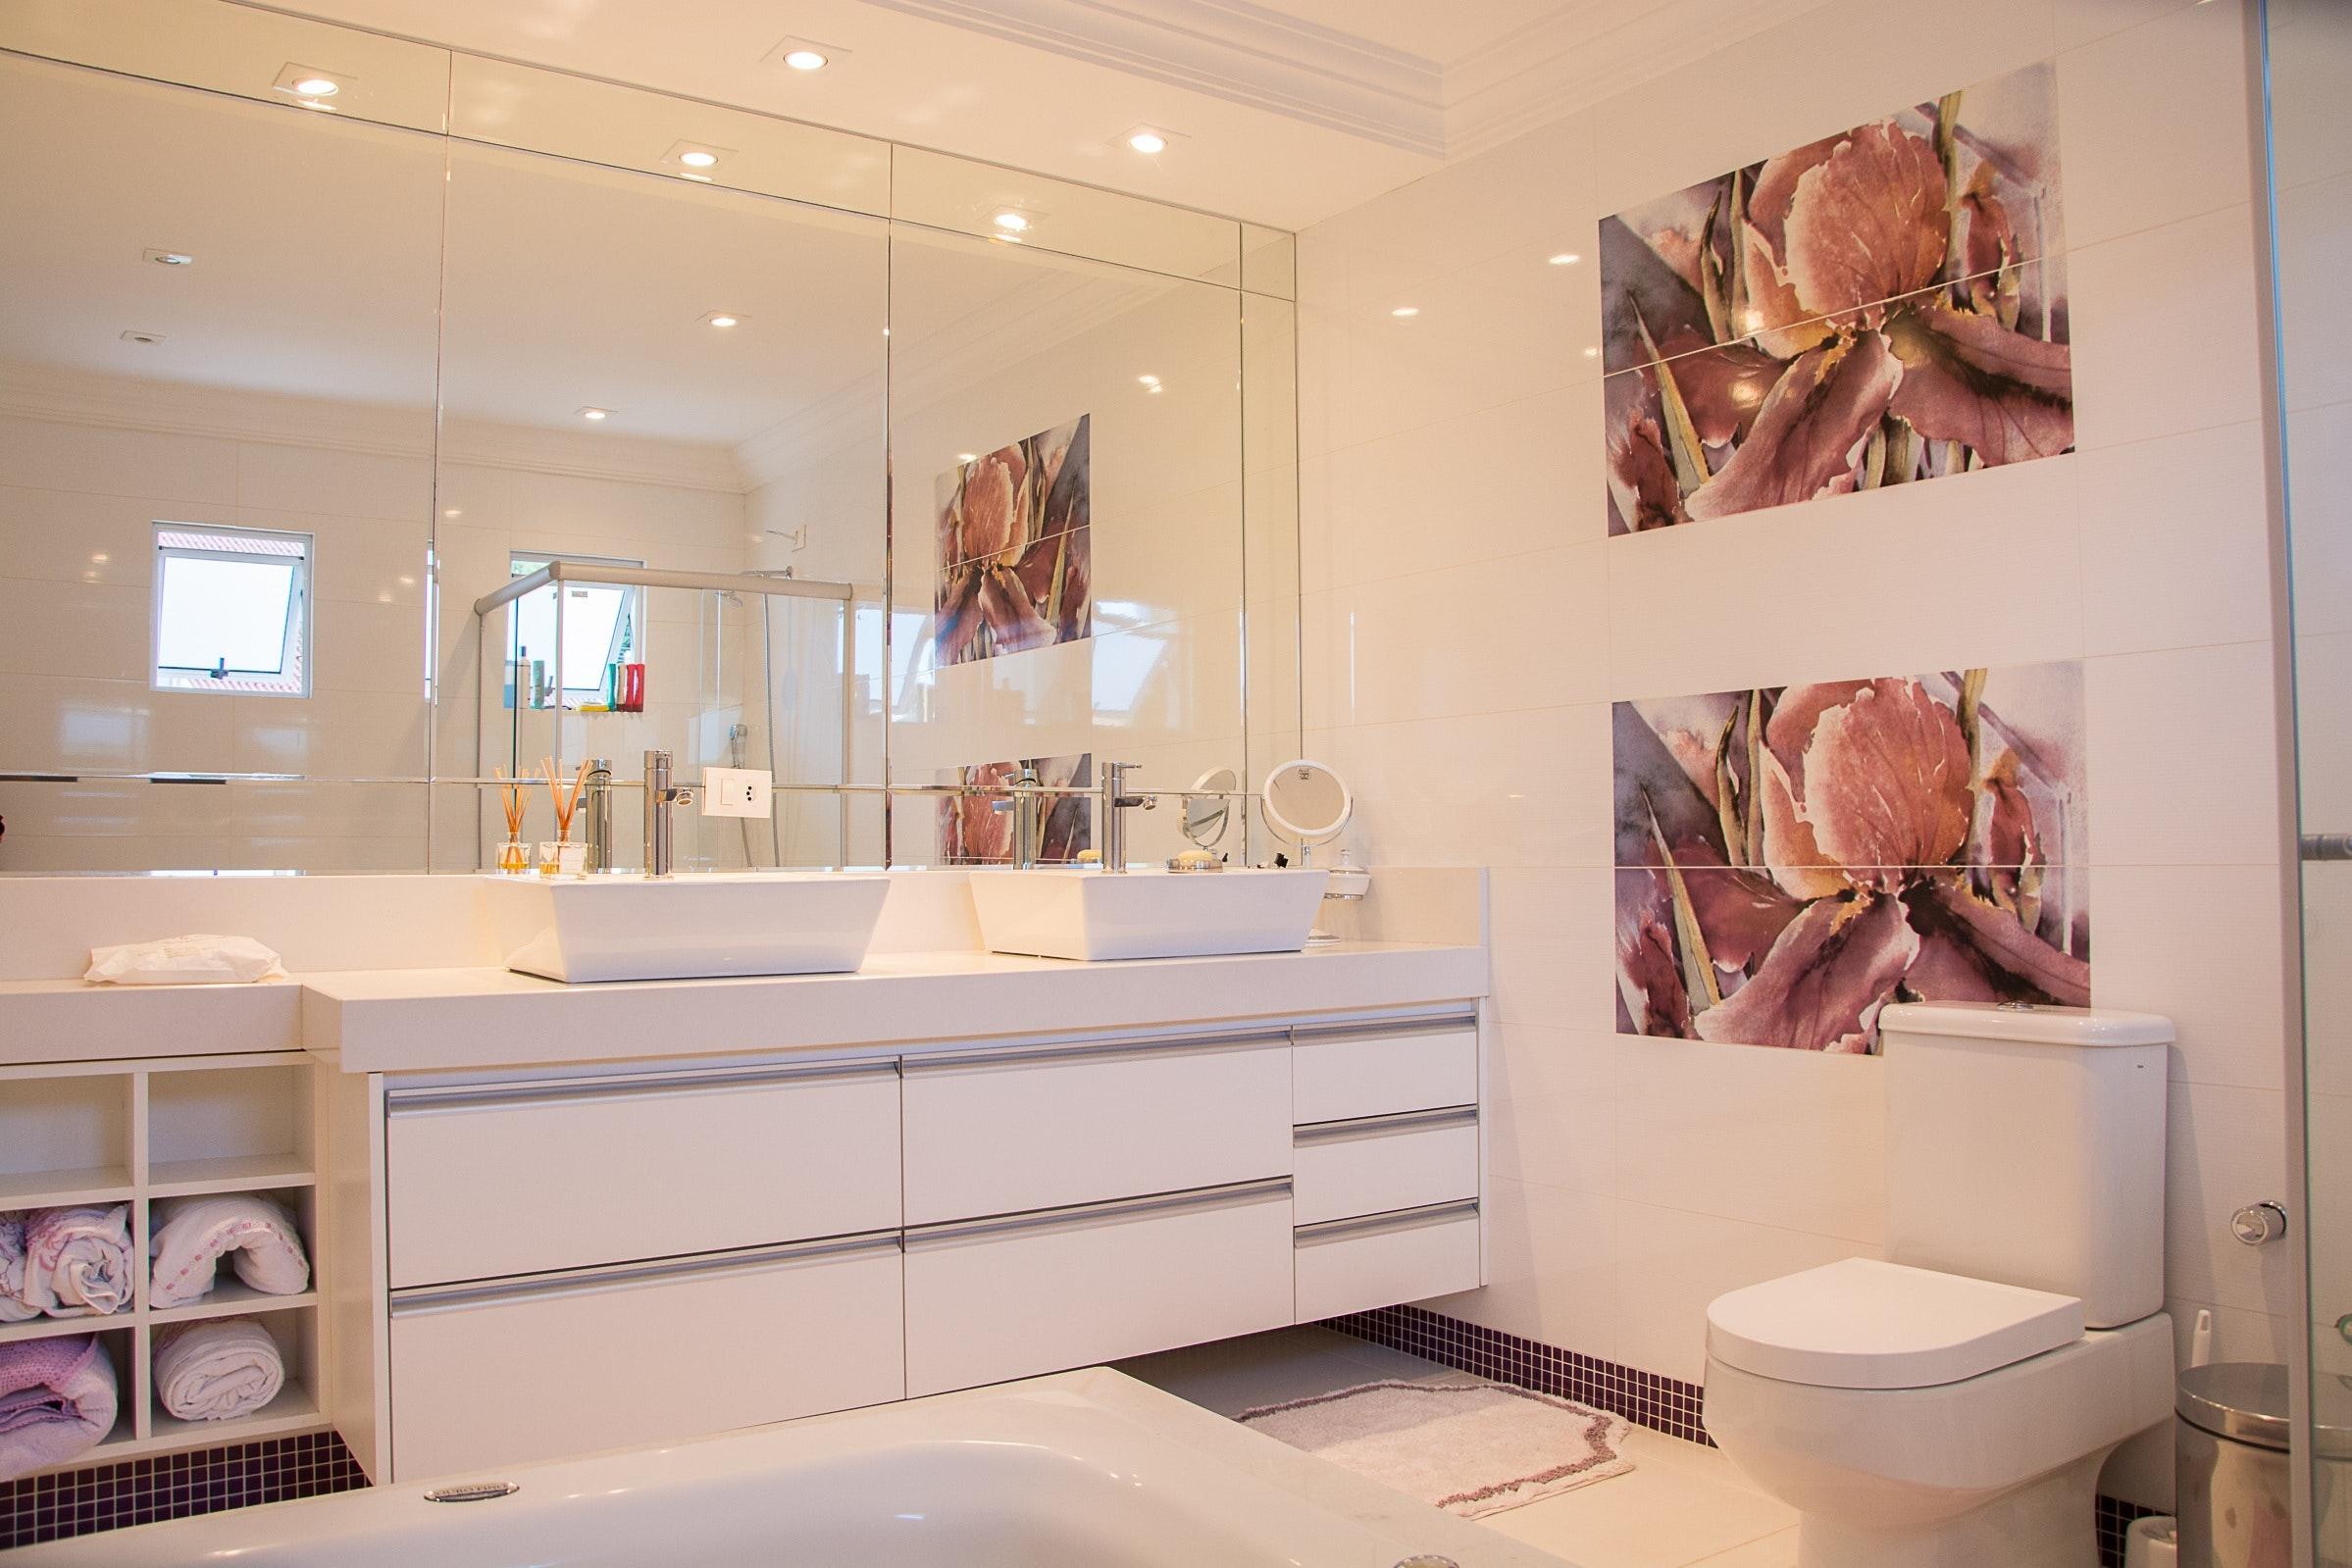 Kostenloses Foto zum Thema: architektur, badezimmer, drinnen